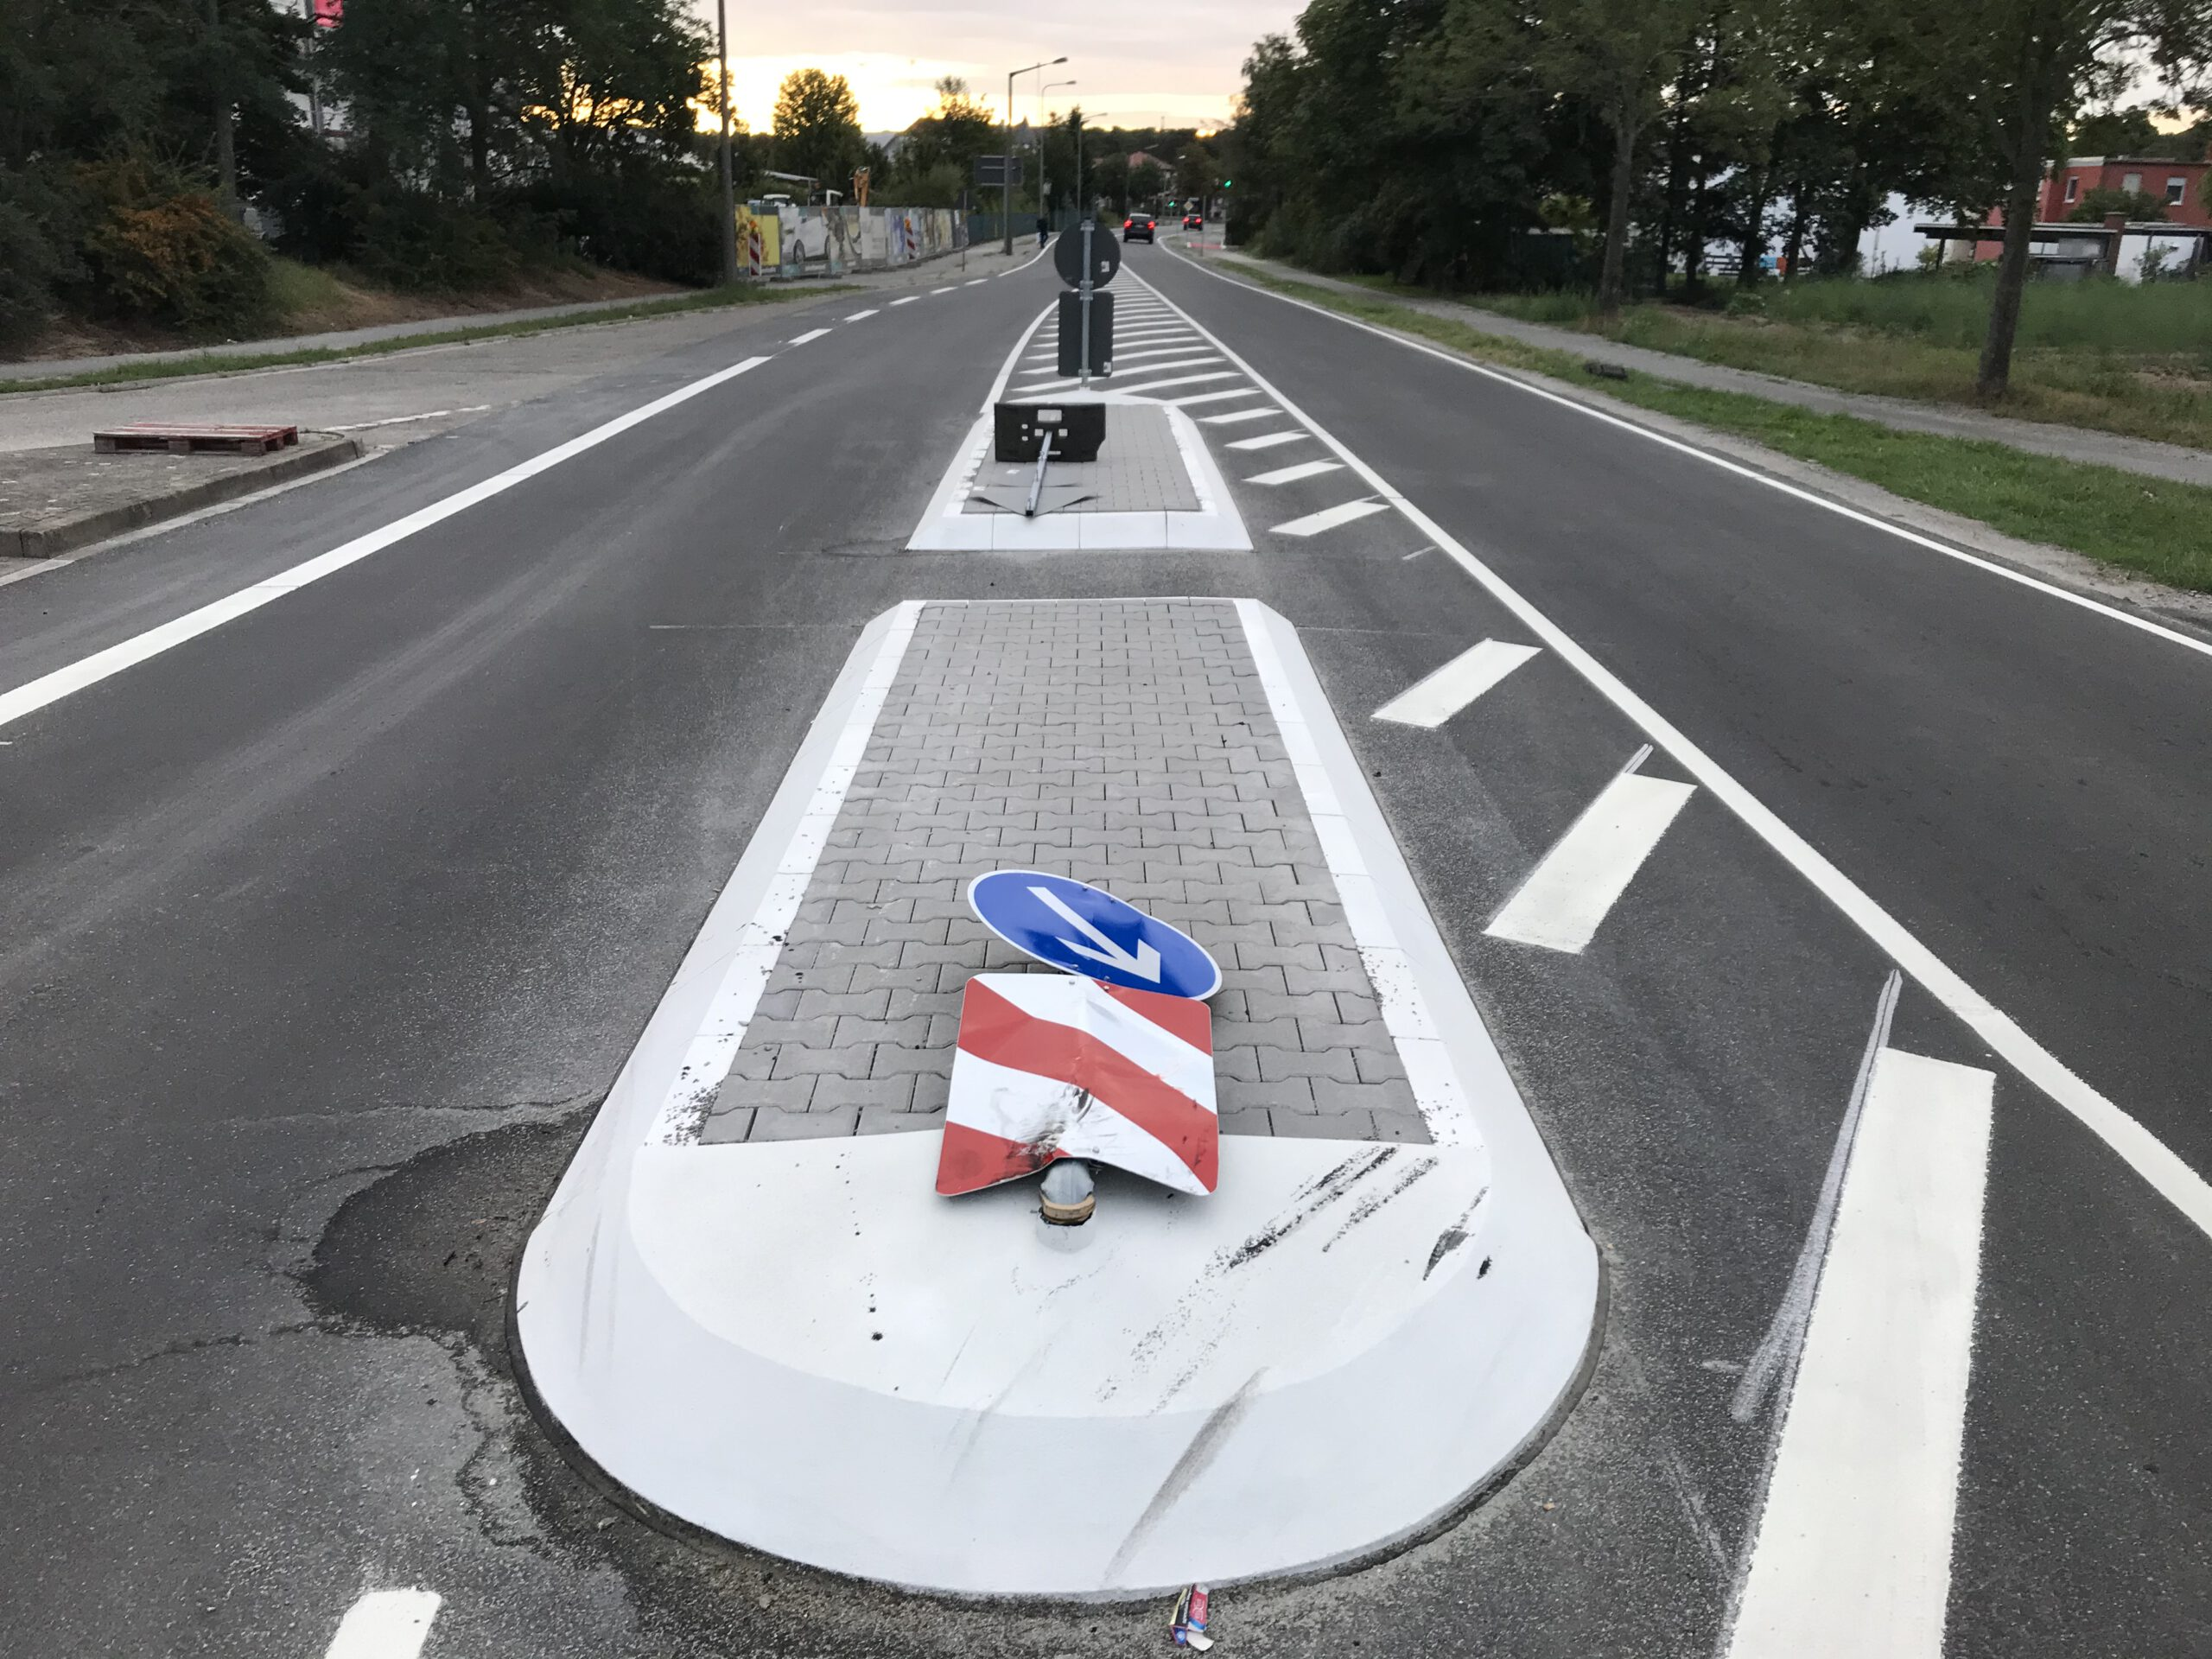 Unfallschwerpunkt an der Verkehrsinsel.